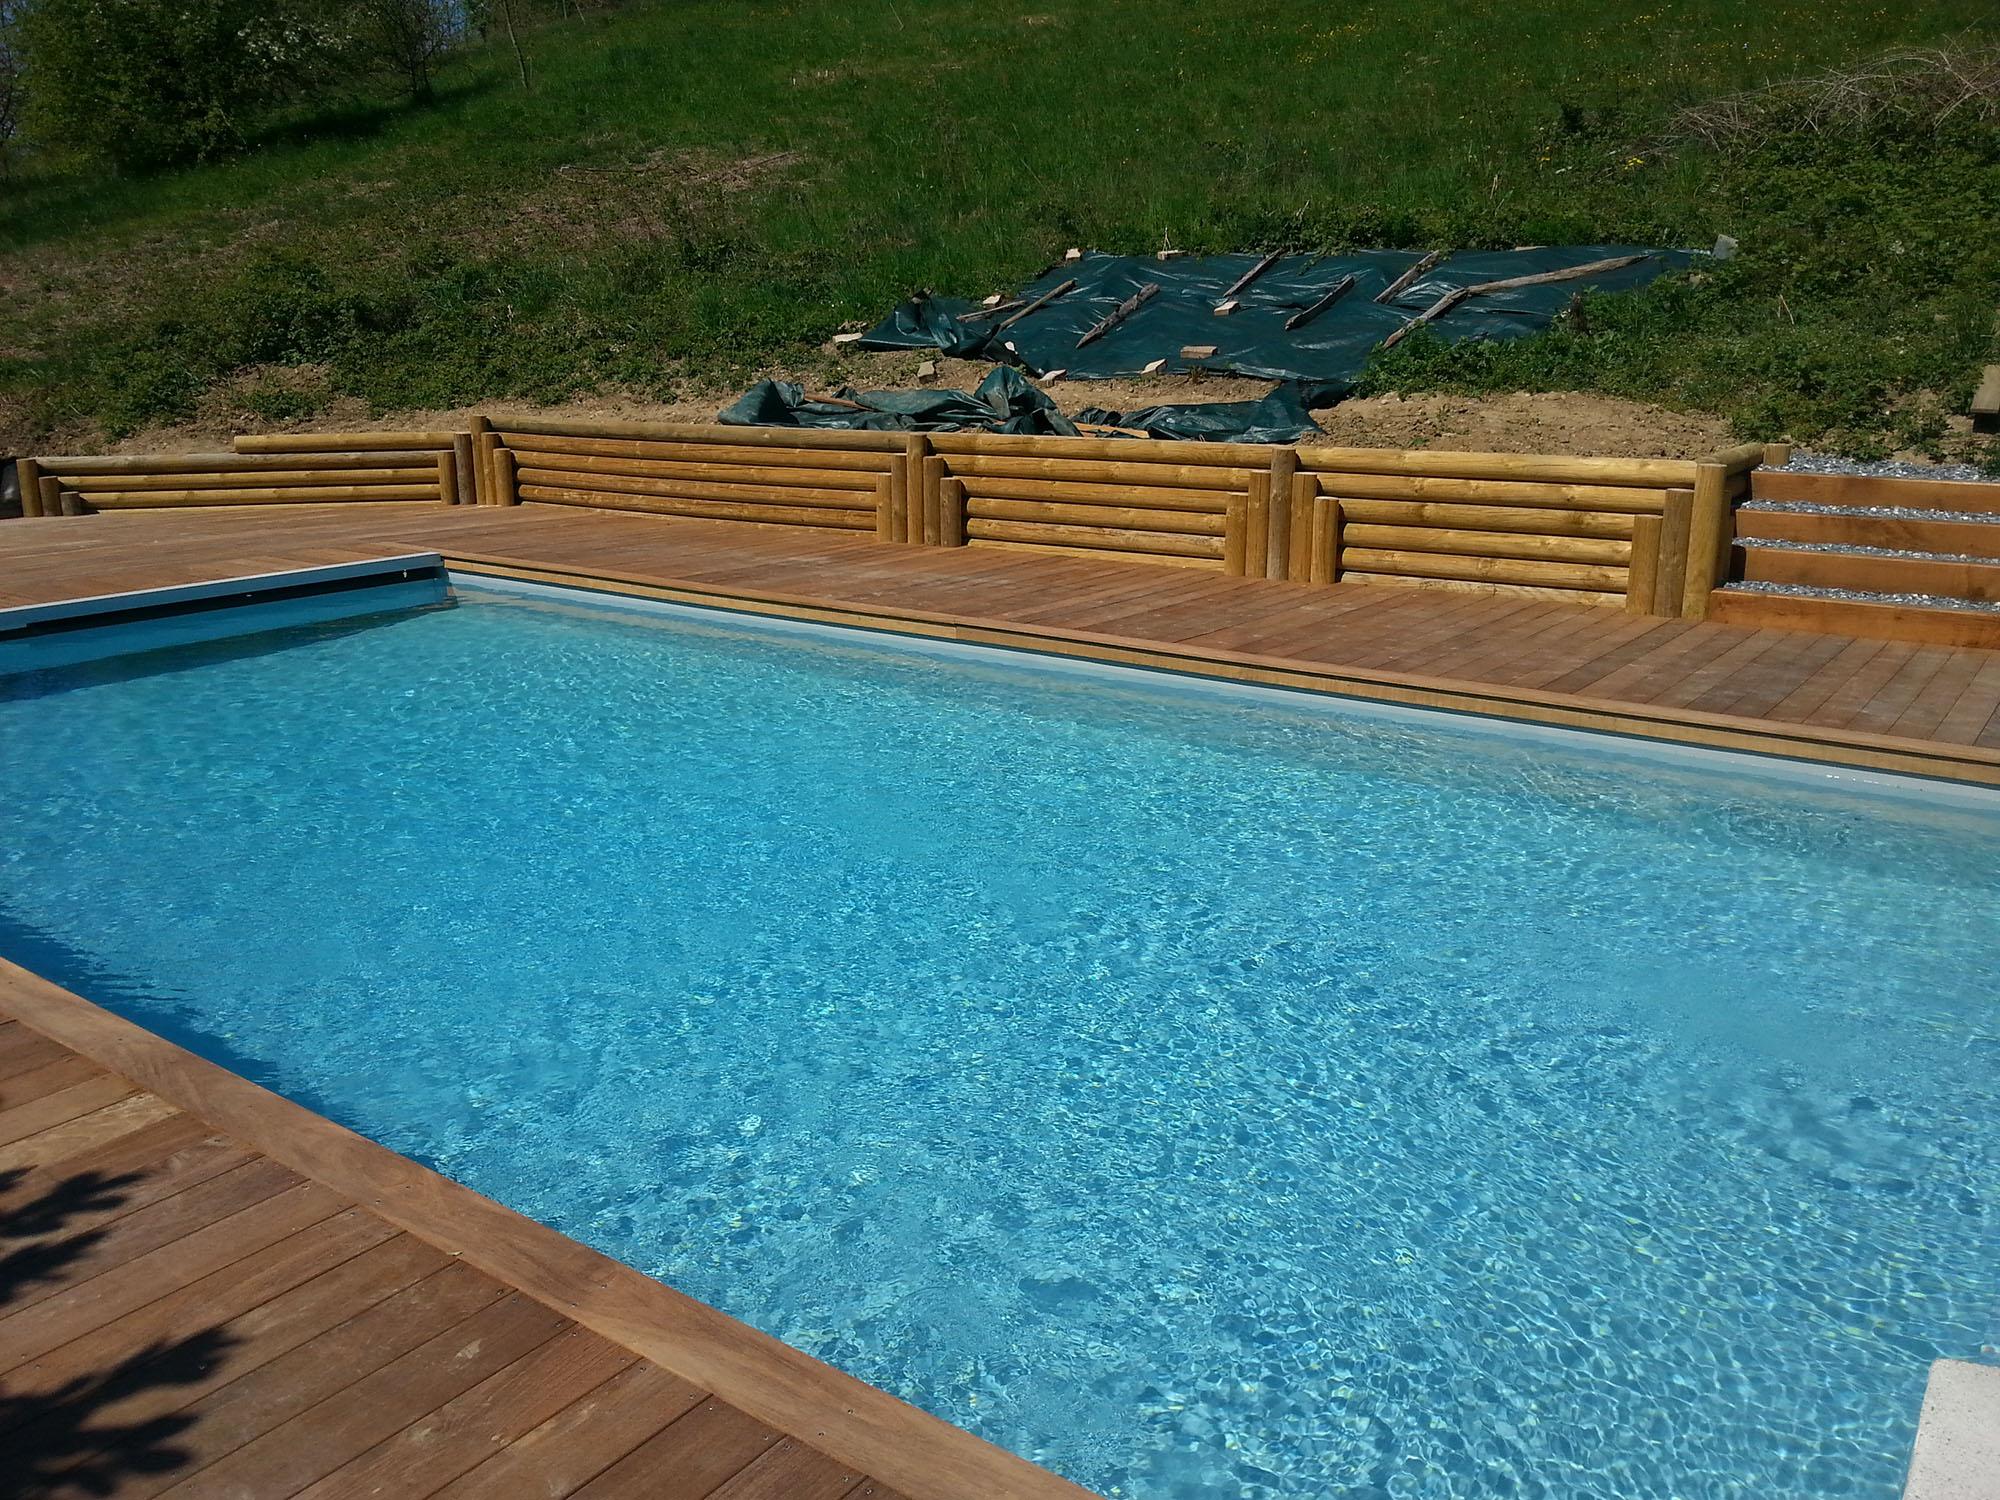 renovation de piscine annecy r novation de piscine aix les bains. Black Bedroom Furniture Sets. Home Design Ideas